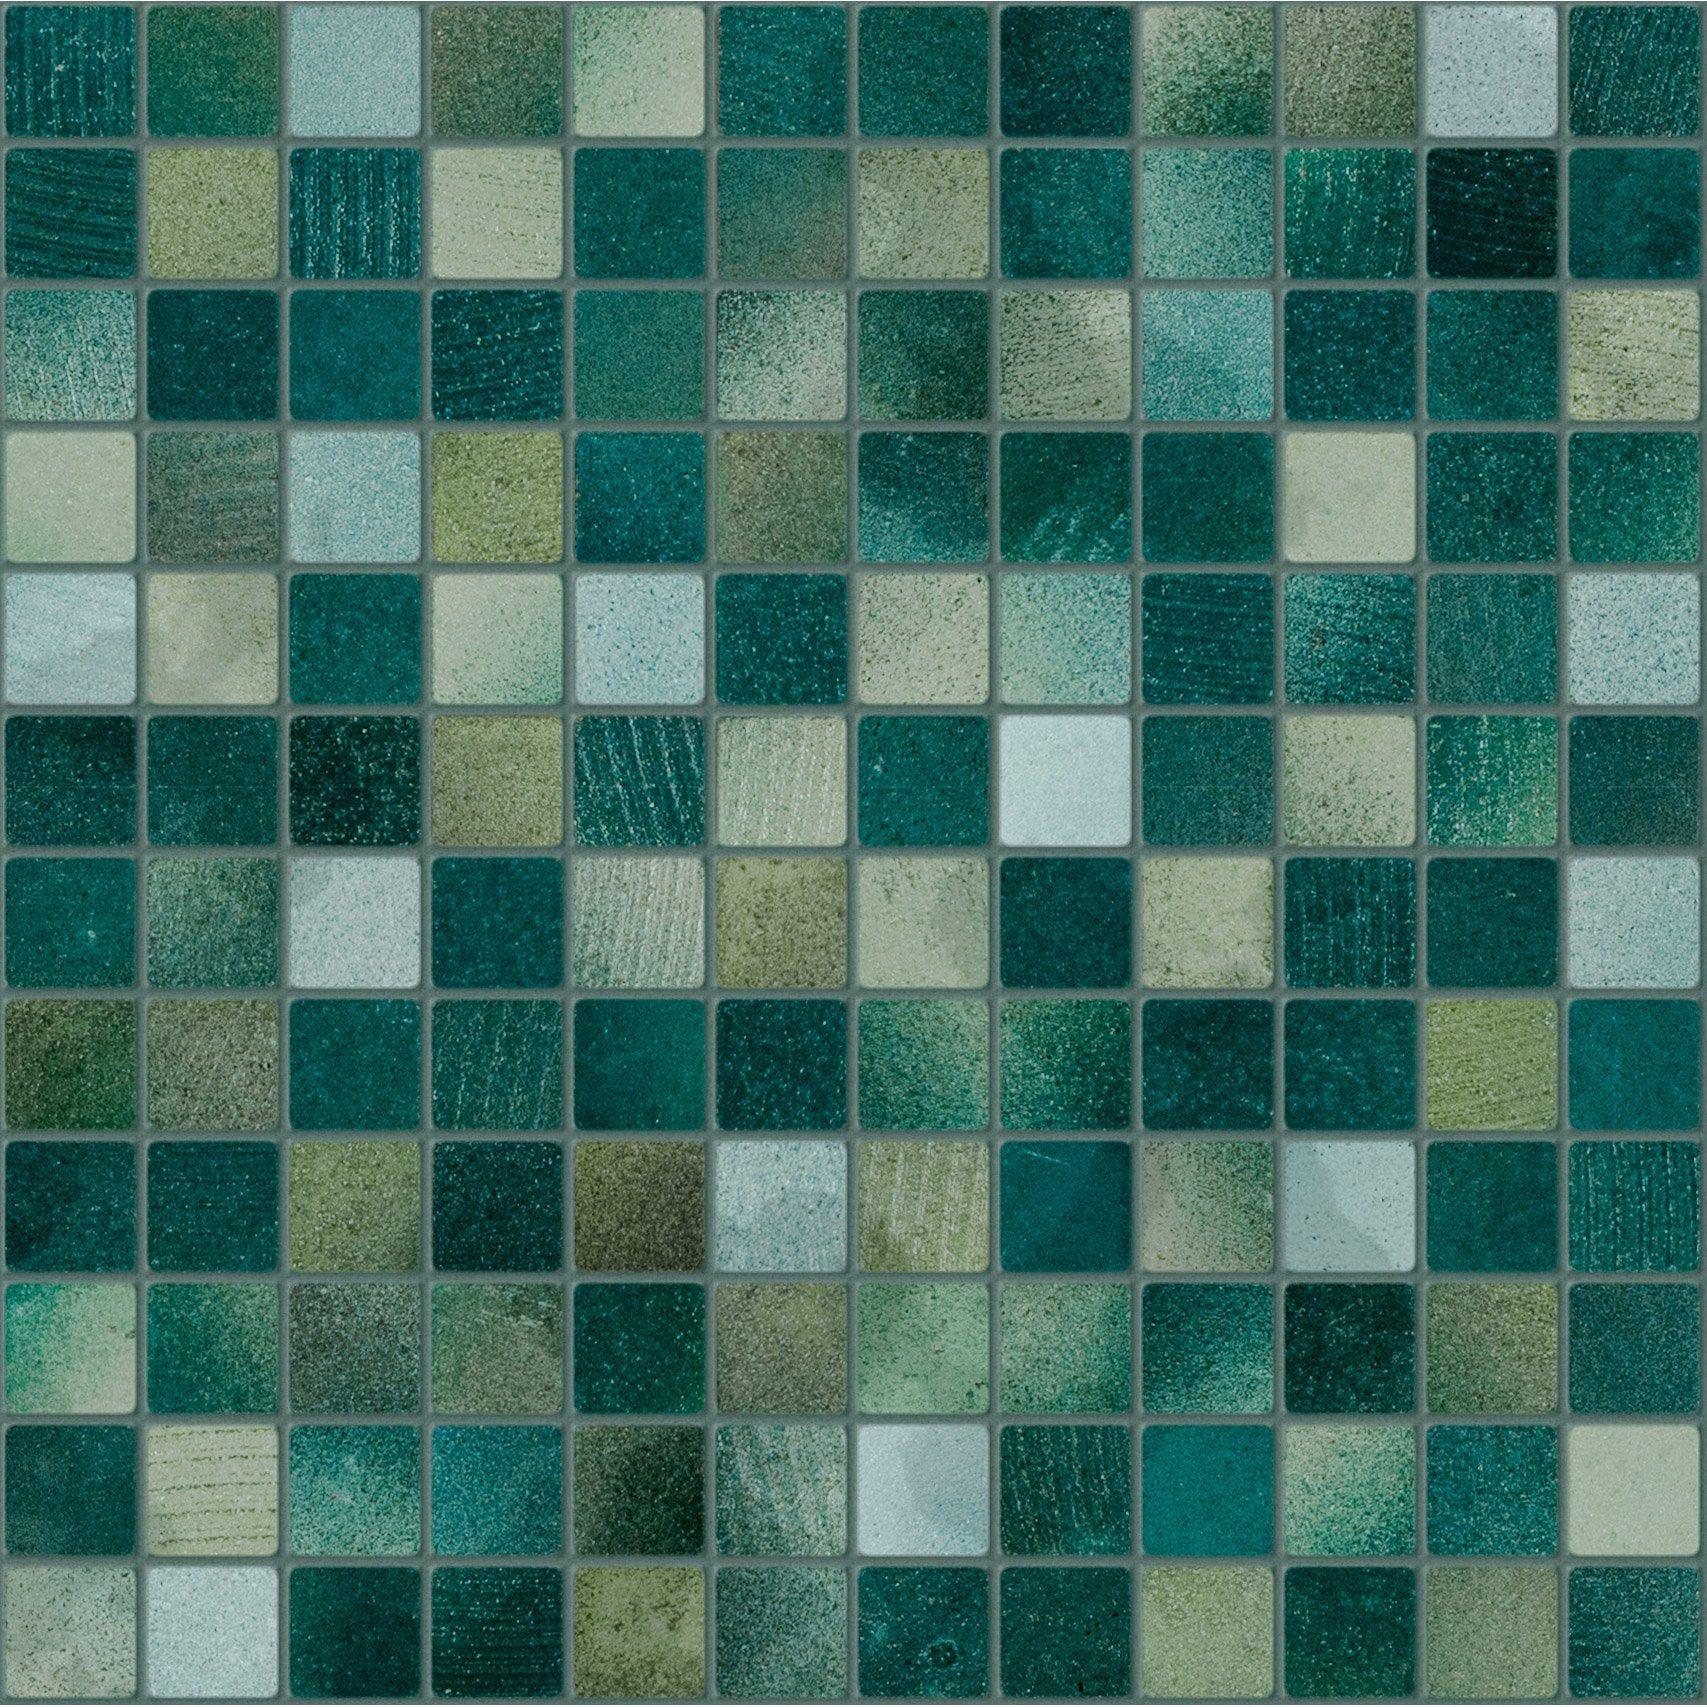 Mosaique Sol Et Mur Lavastone Vert 2 3 X 2 3 Cm Artens Sol Et